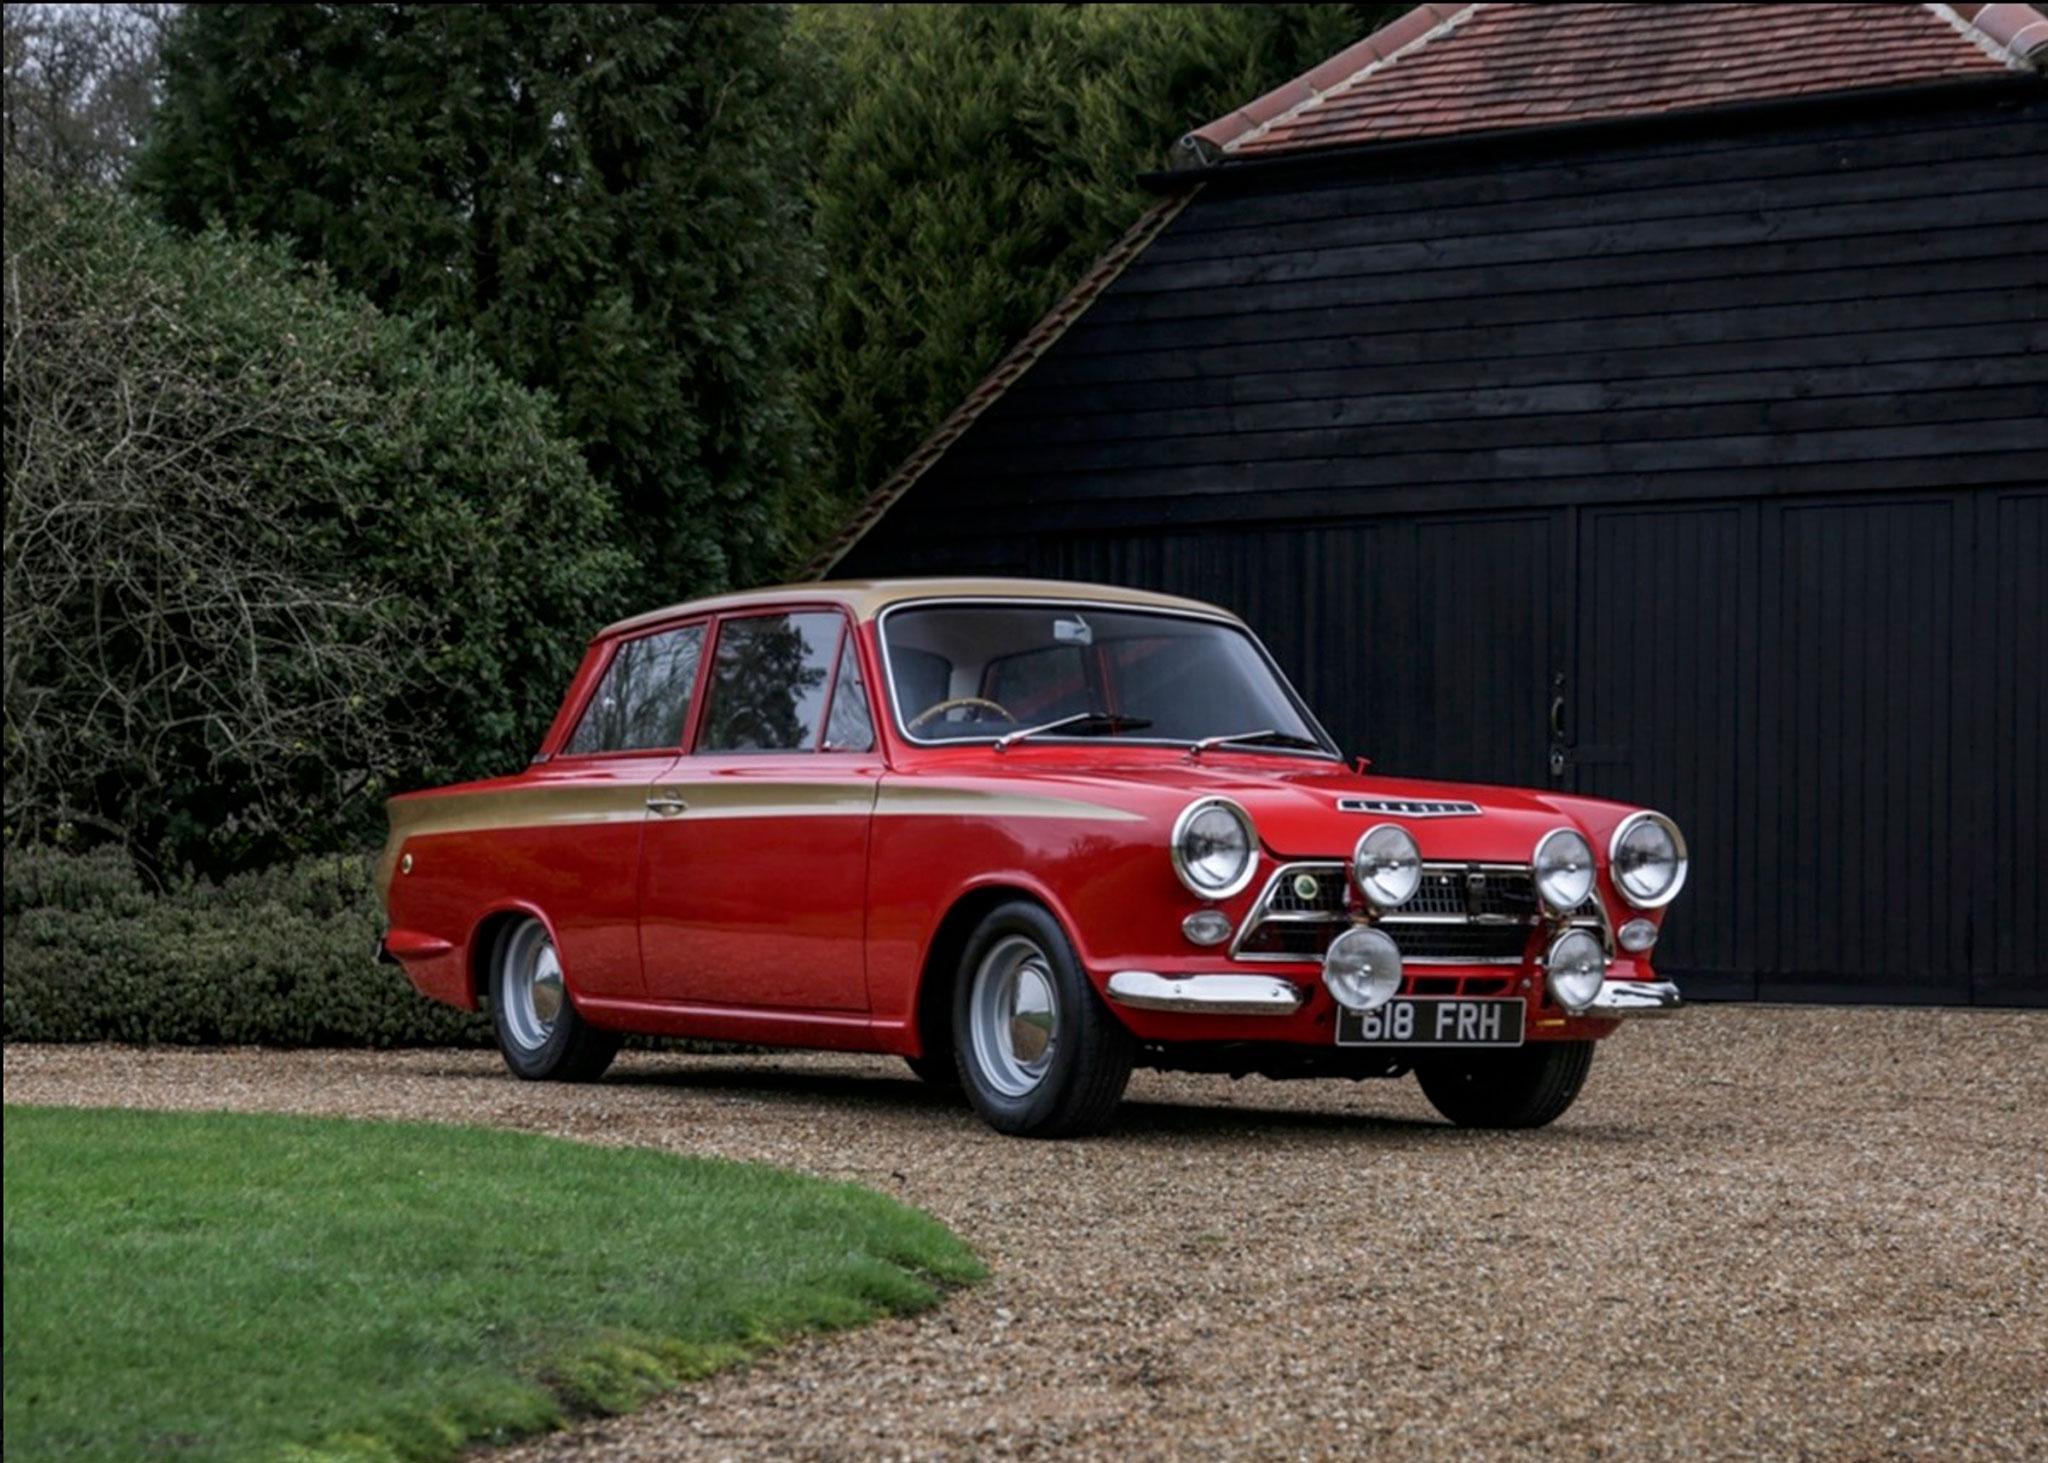 1963 Ford cortina Lotus MK I aux couleurs du pilote Alan Mann - Coups de Coeur Historics Auctioneers.